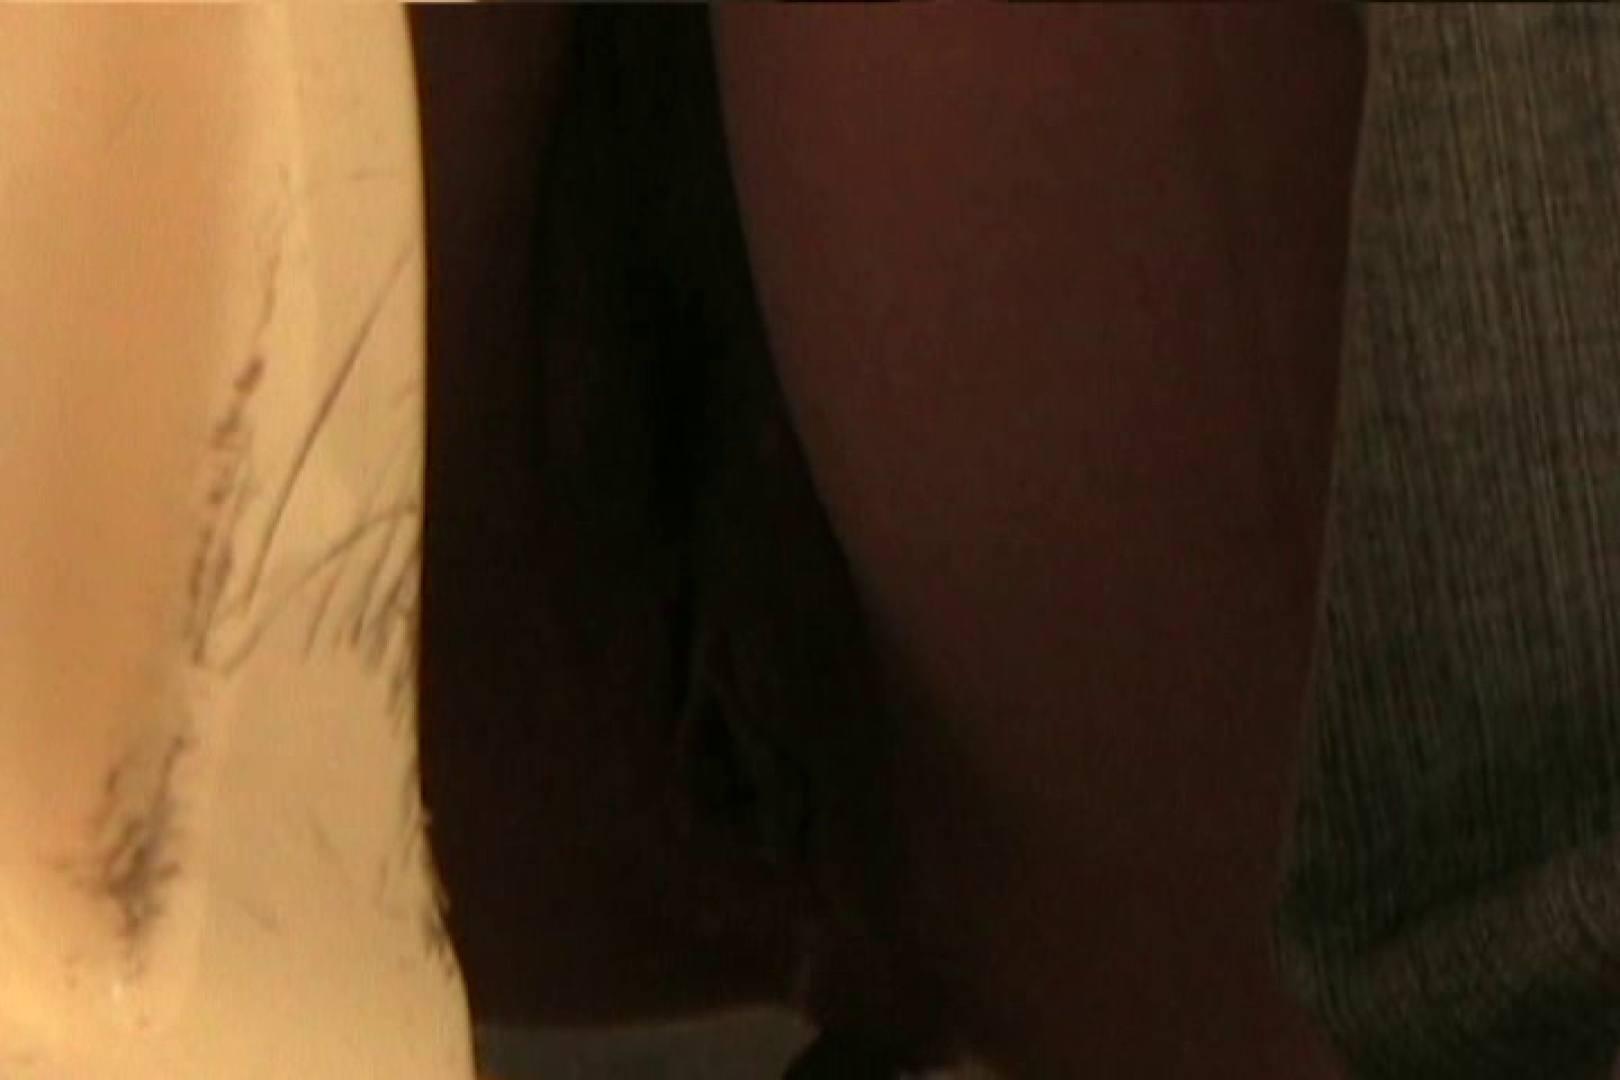 マンコ丸見え女子洗面所Vol.38 美しいOLの裸体 スケベ動画紹介 100pic 79